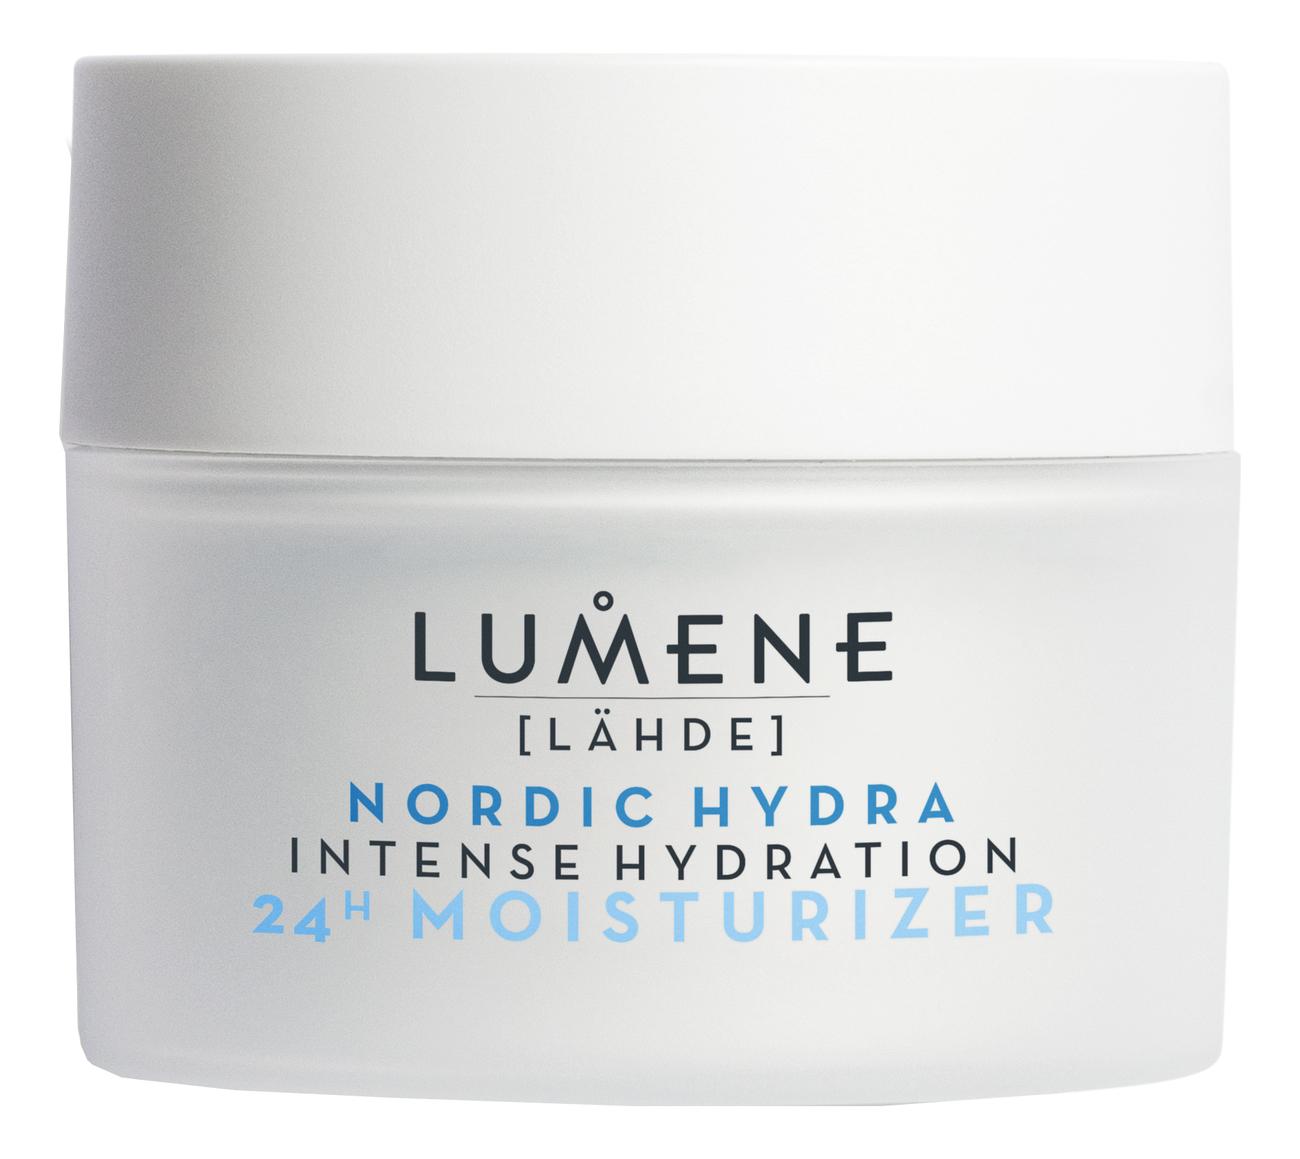 Интенсивный увлажняющий крем 24 часа Nordic Hydra Intense Hydration 24H Moisturizer: Крем 50мл